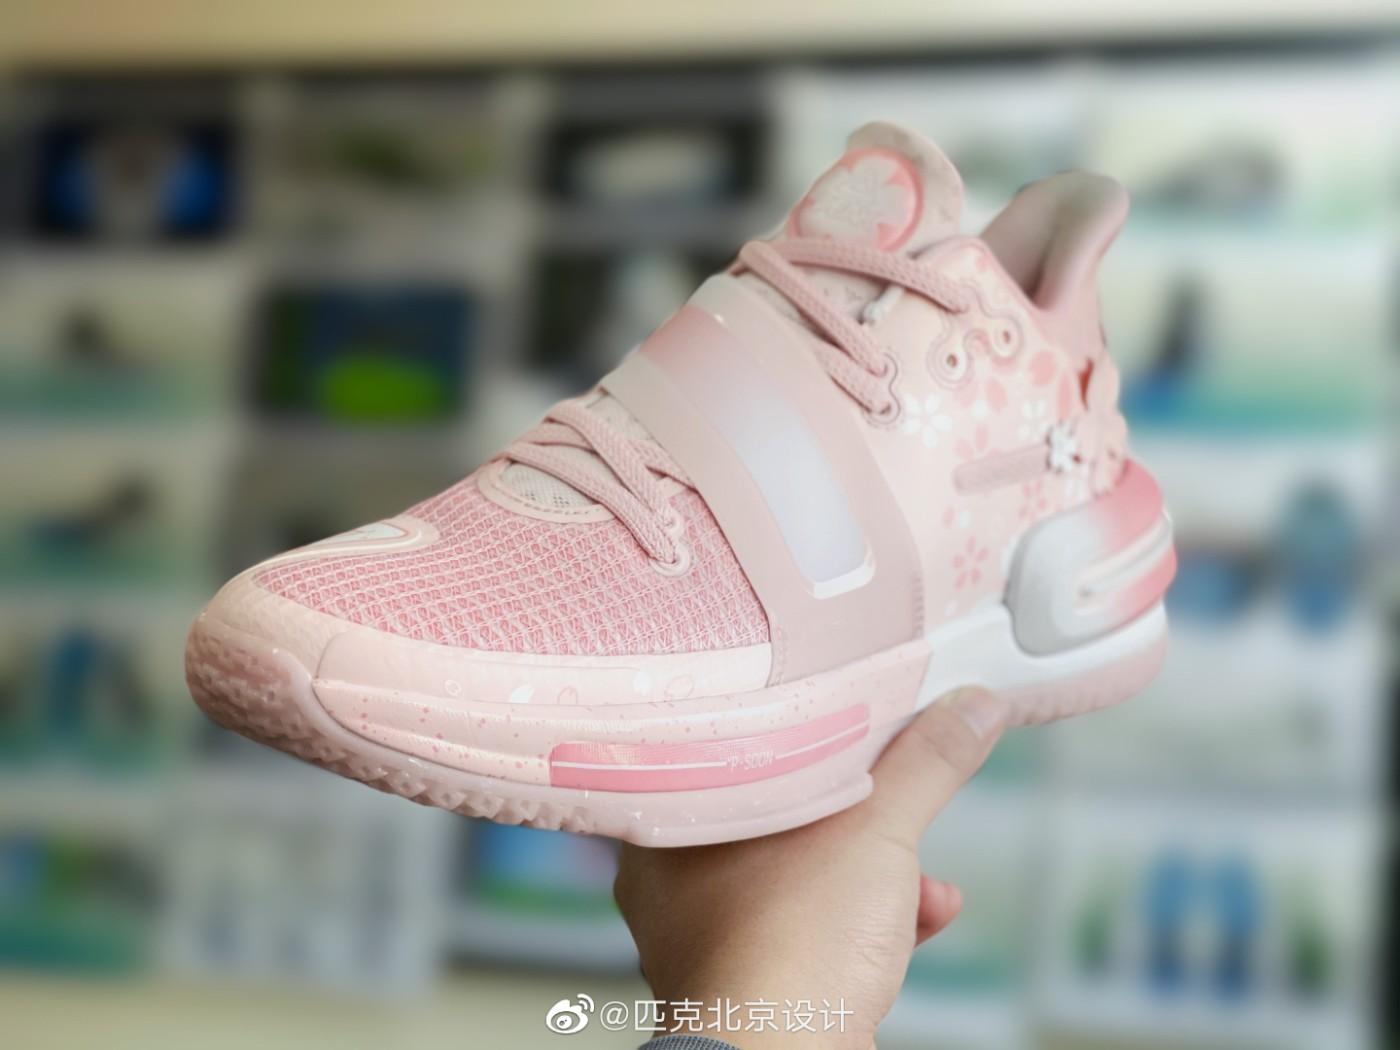 匹克,PEAK,发售,闪现 2  猛男心动!态极「樱花粉」新鞋实物曝光!520 发售!